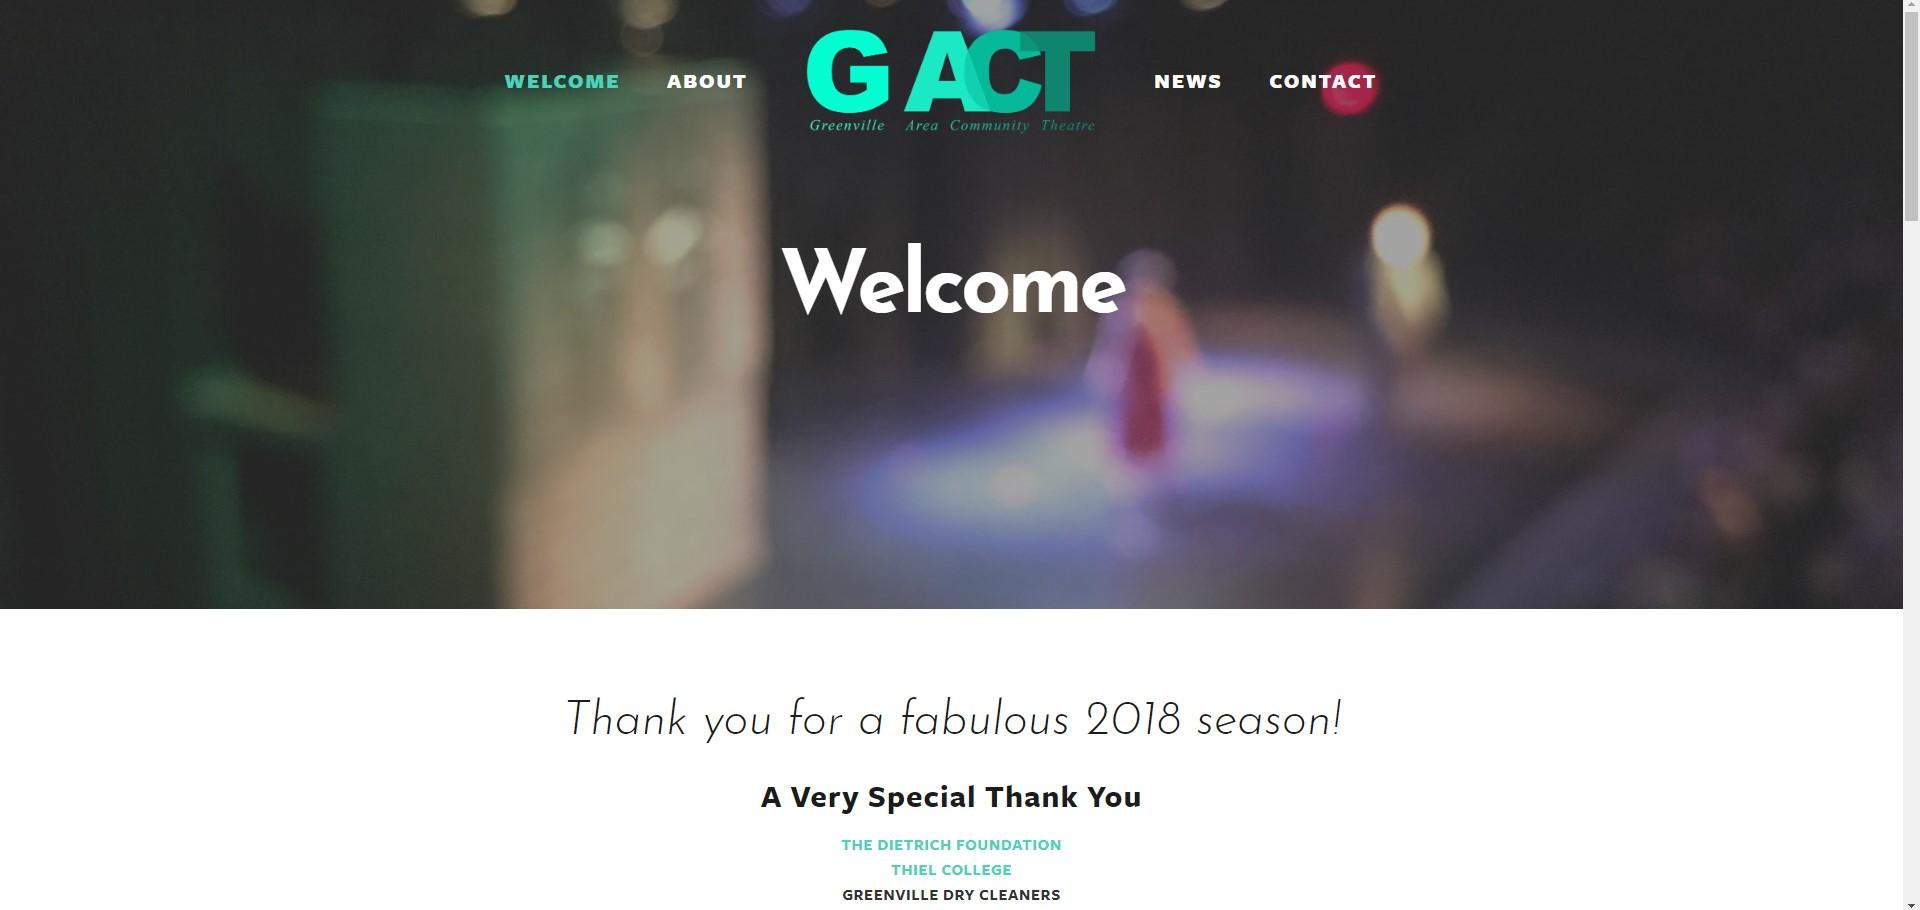 gact-ors.jpg